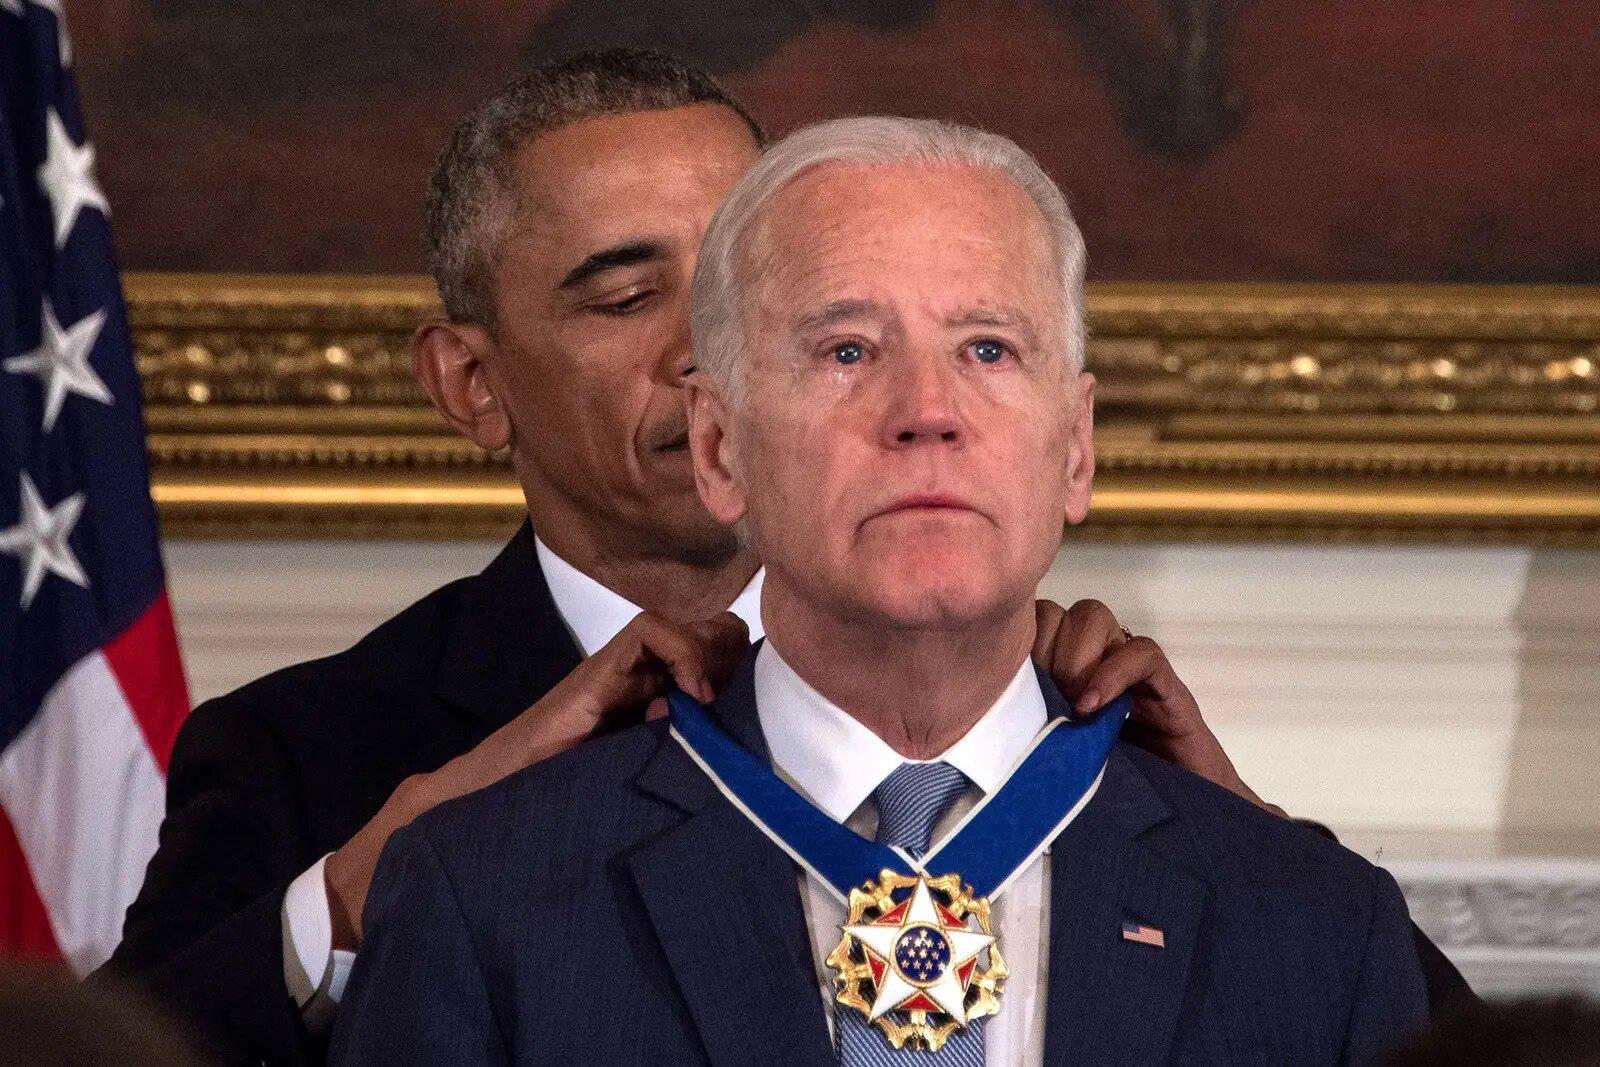 Joe Biden foi surpreendido por Obama ao receber a Medalha da Liberdade, a maior honra para um civil americano, no dia 12 de janeiro de 2017 em Washington. Nicholas Kamm / AFP / Getty Images.